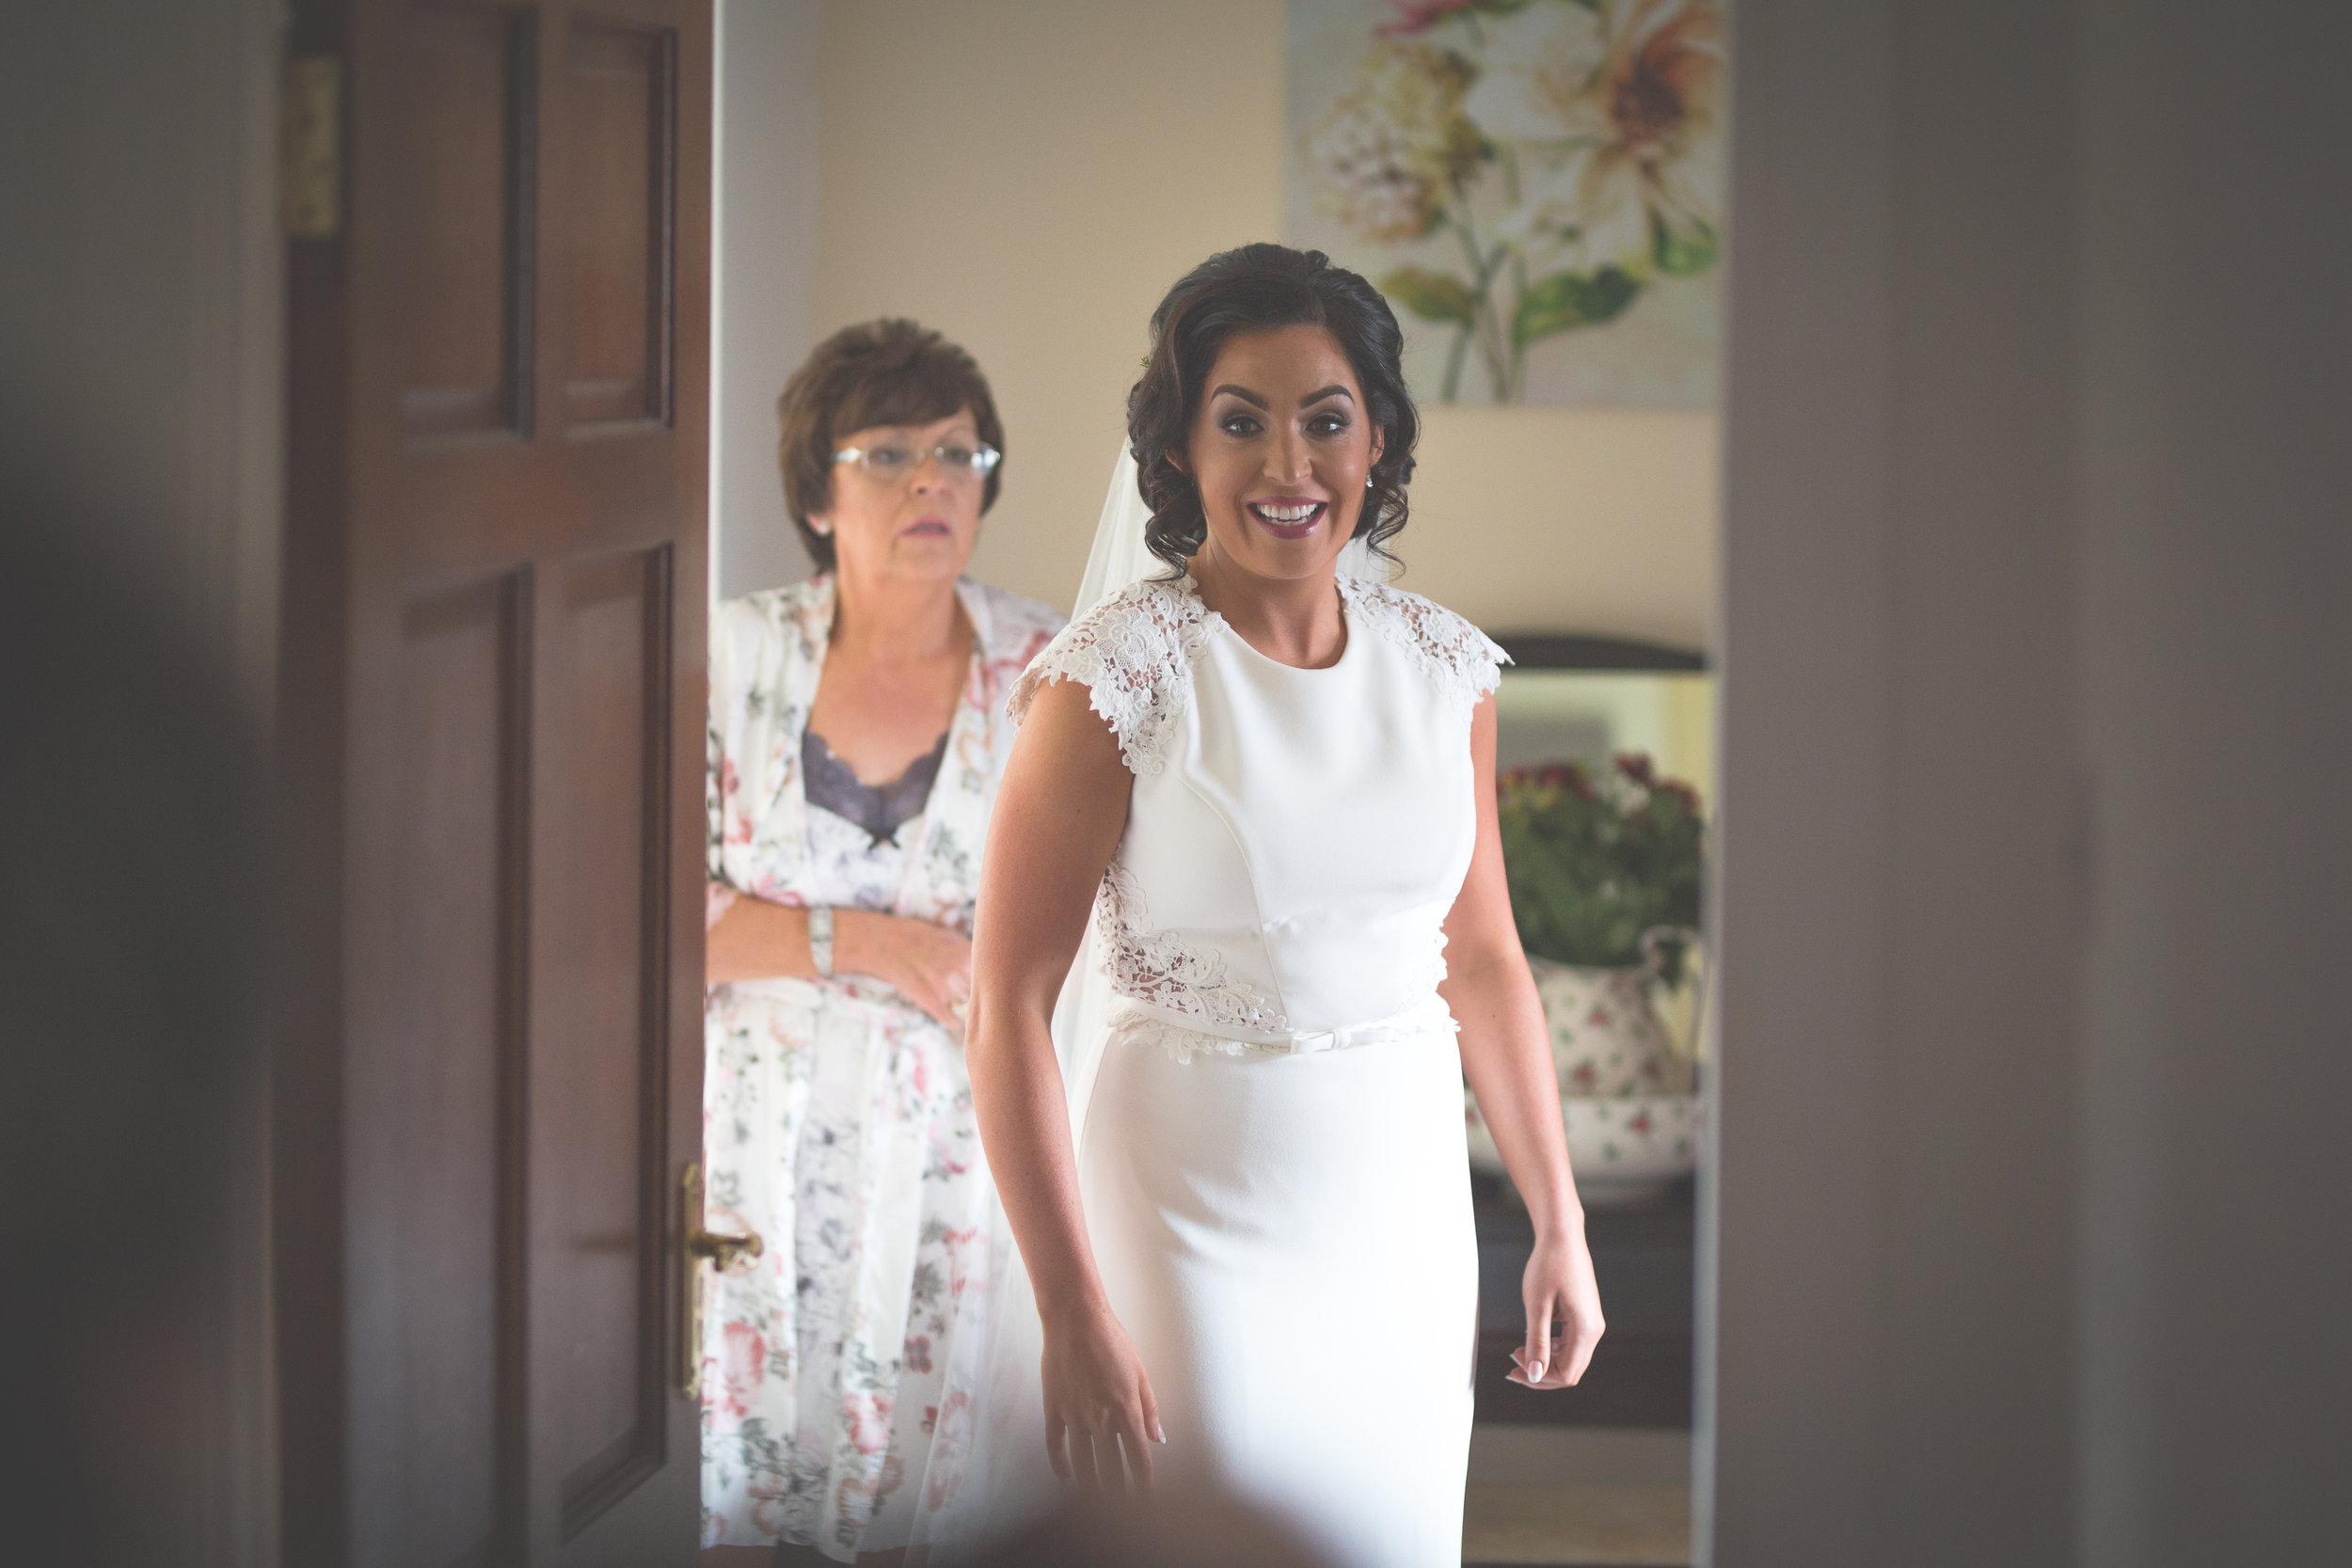 Brian McEwan Wedding Photography | Carol-Anne & Sean | Bridal Preparations-129.jpg